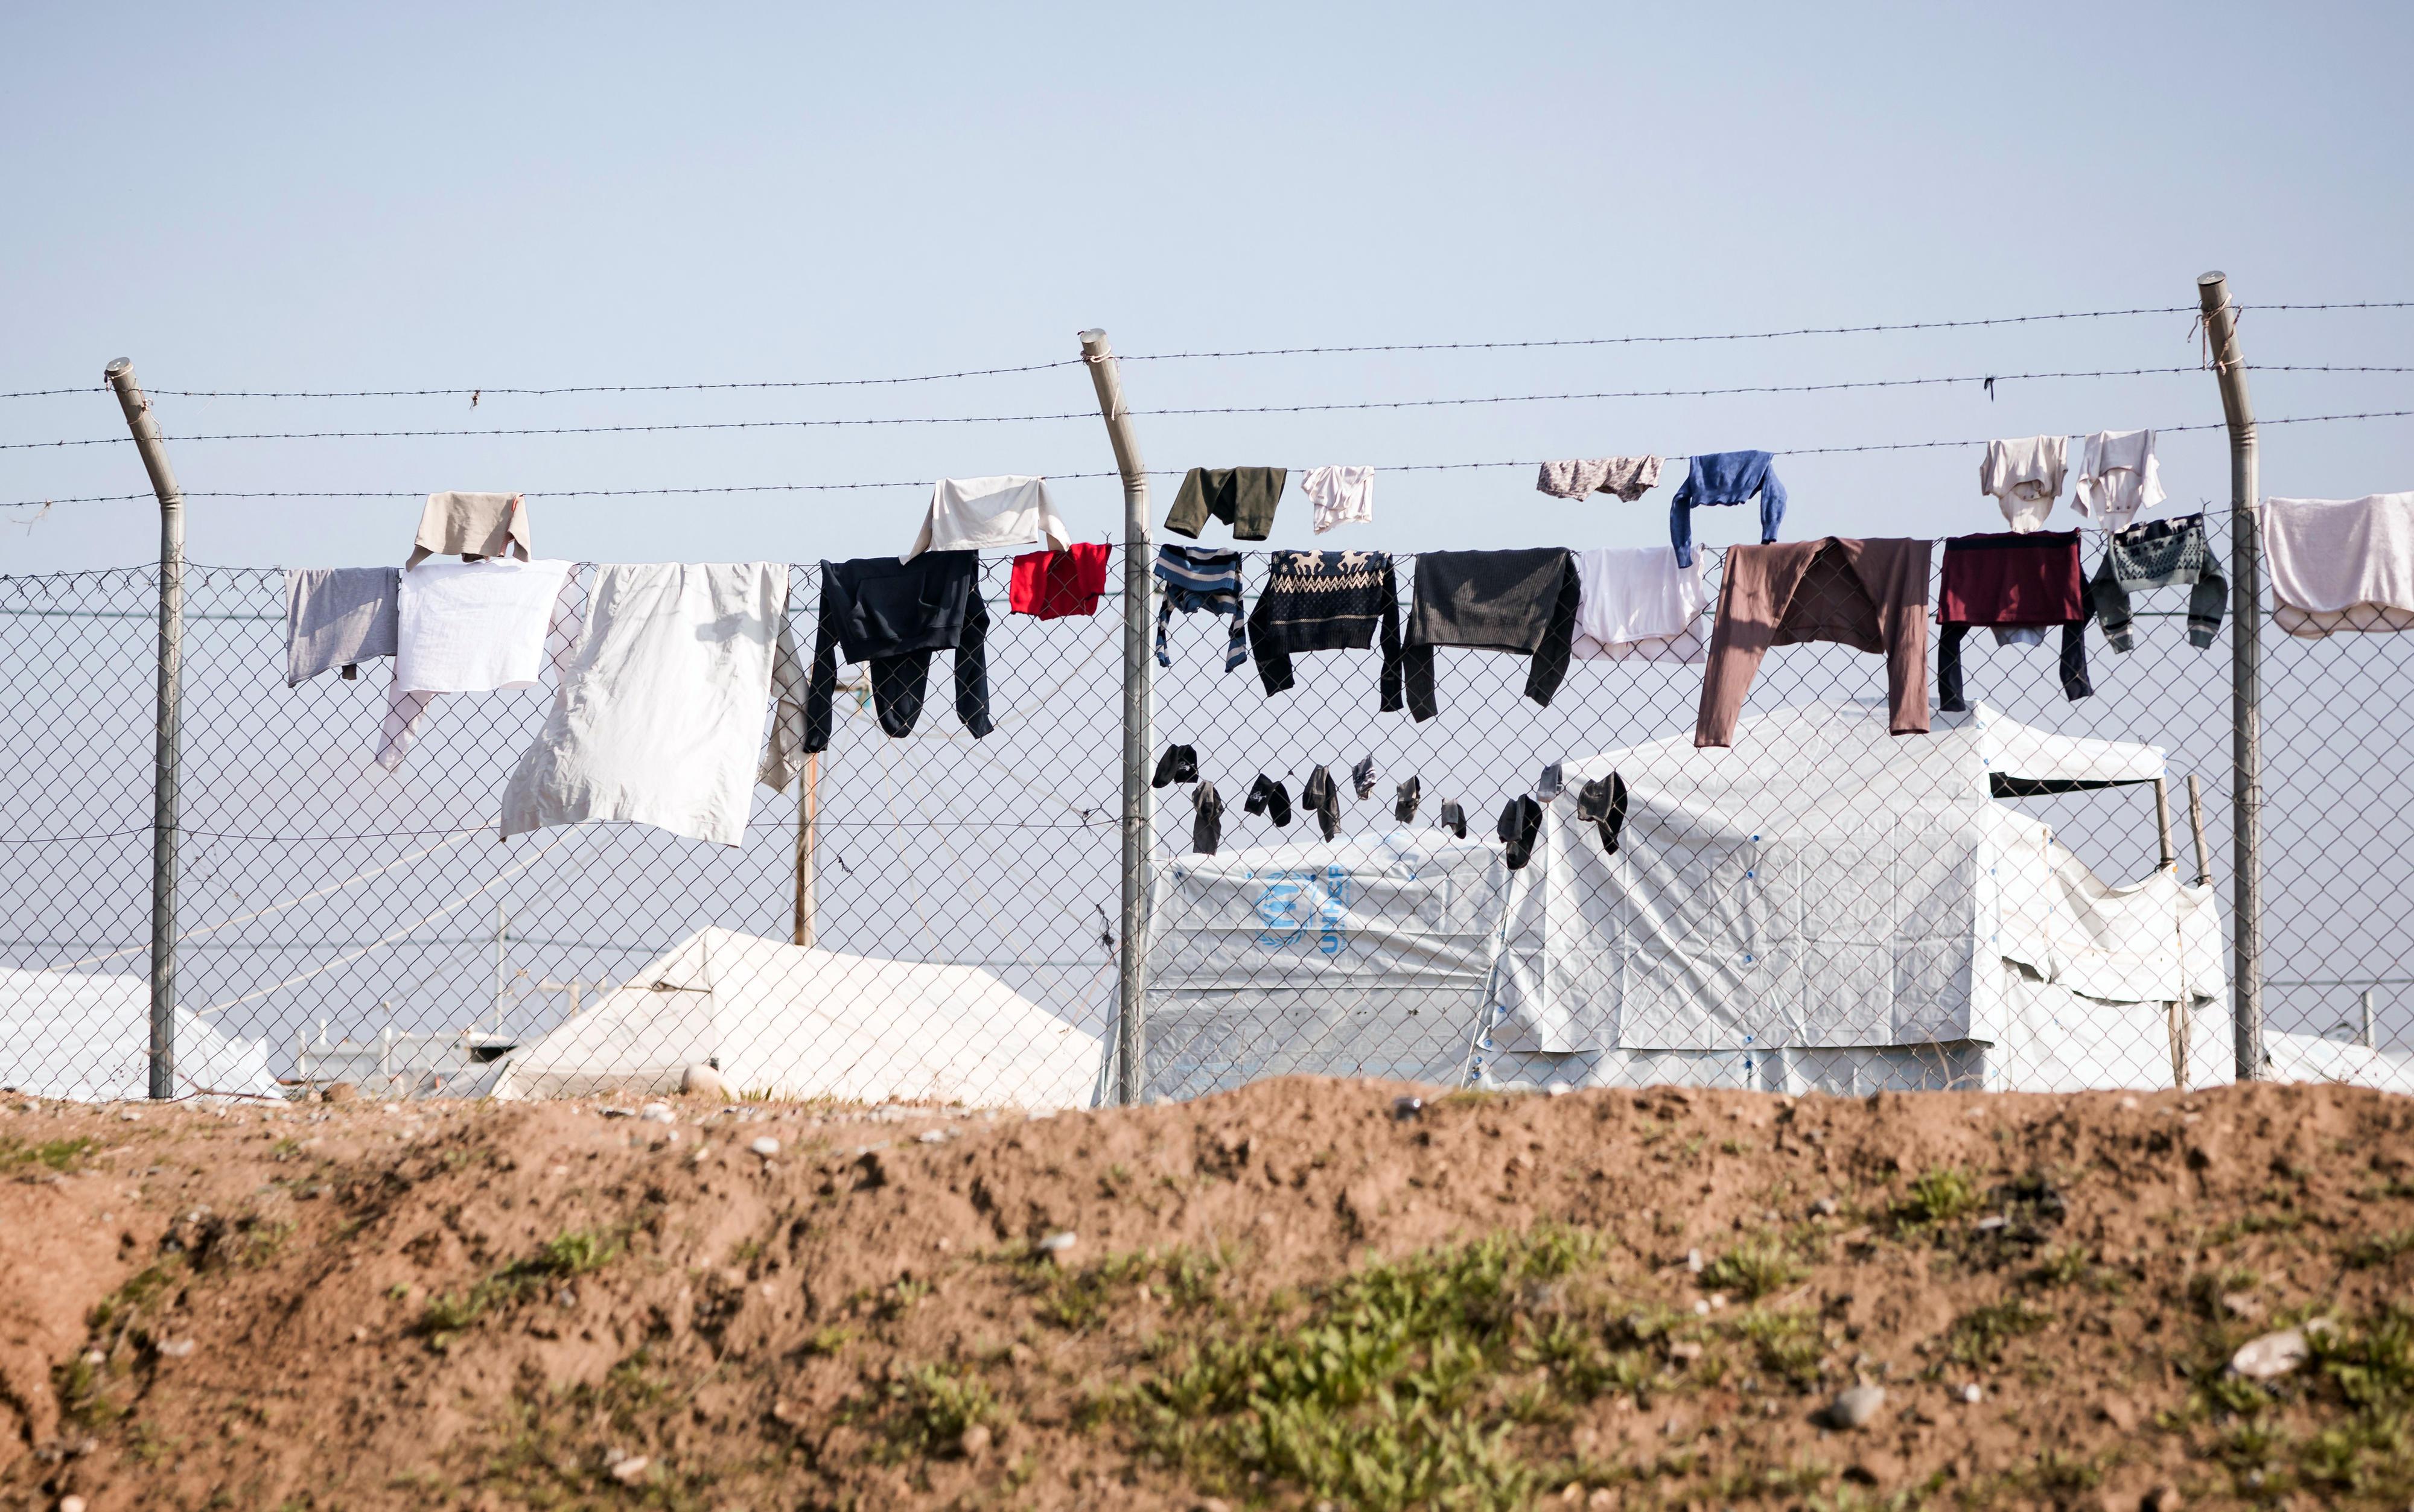 Das Lager Domiz für syrische Geflüchtete in Dohuk, Region Kurdistan-Irak